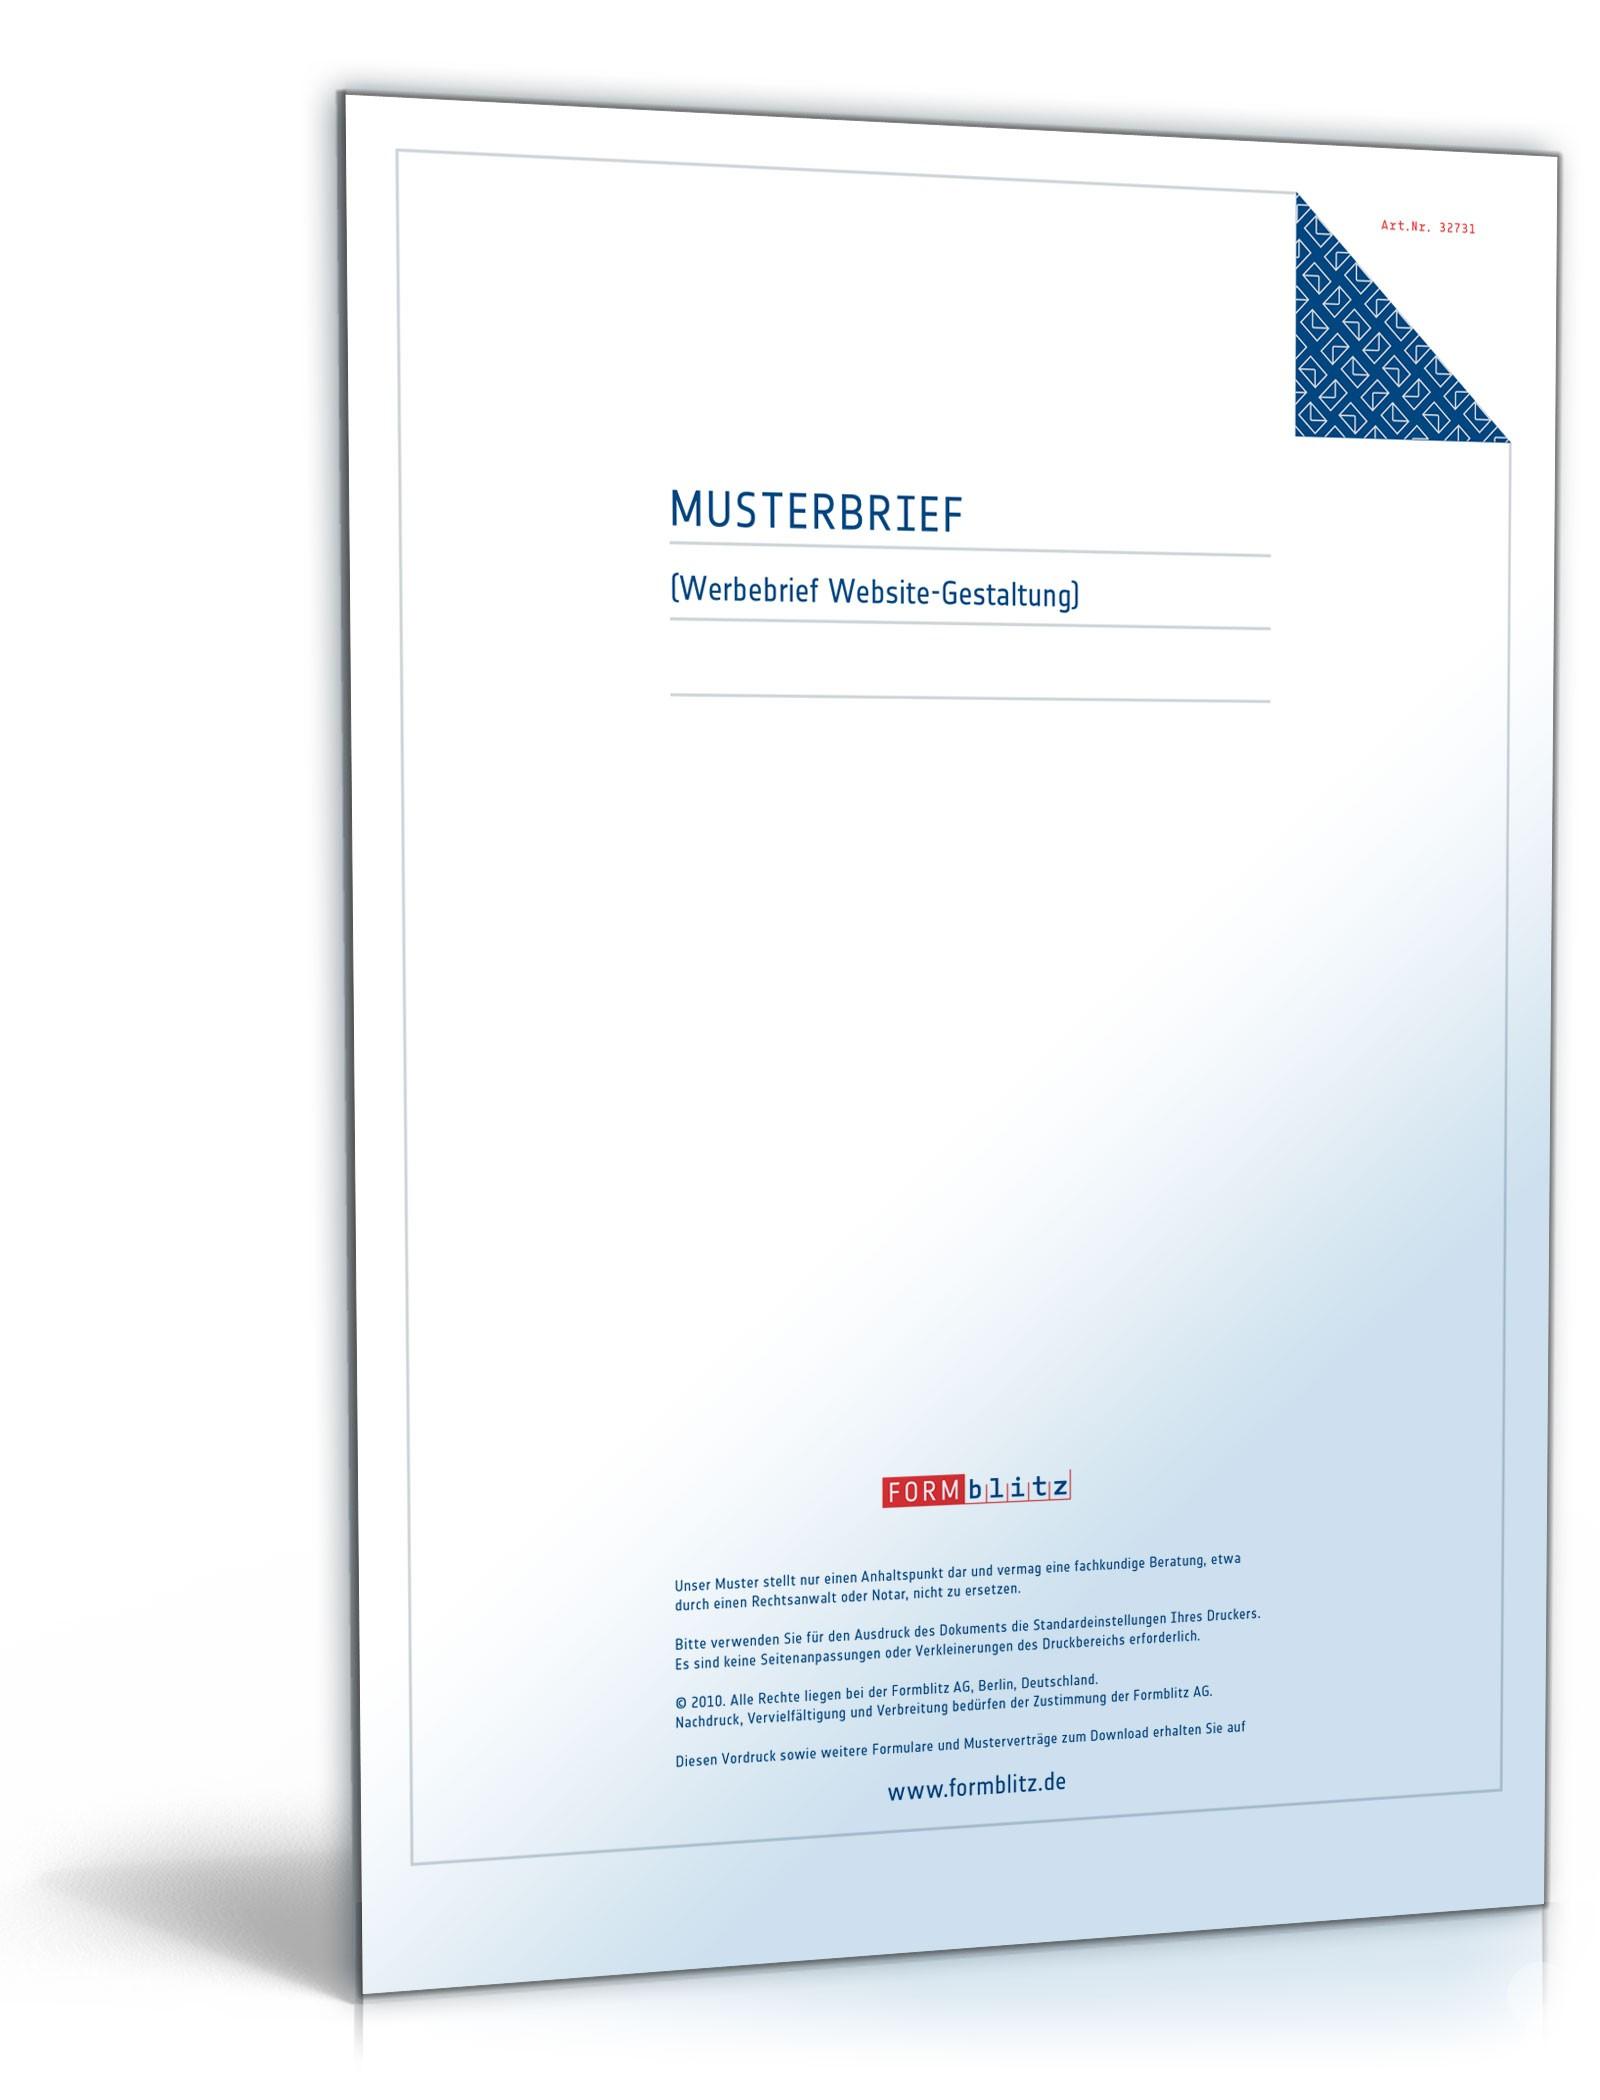 Brief Für Zahlungsaufschub : Werbebrief für website gestaltung muster vorlage zum